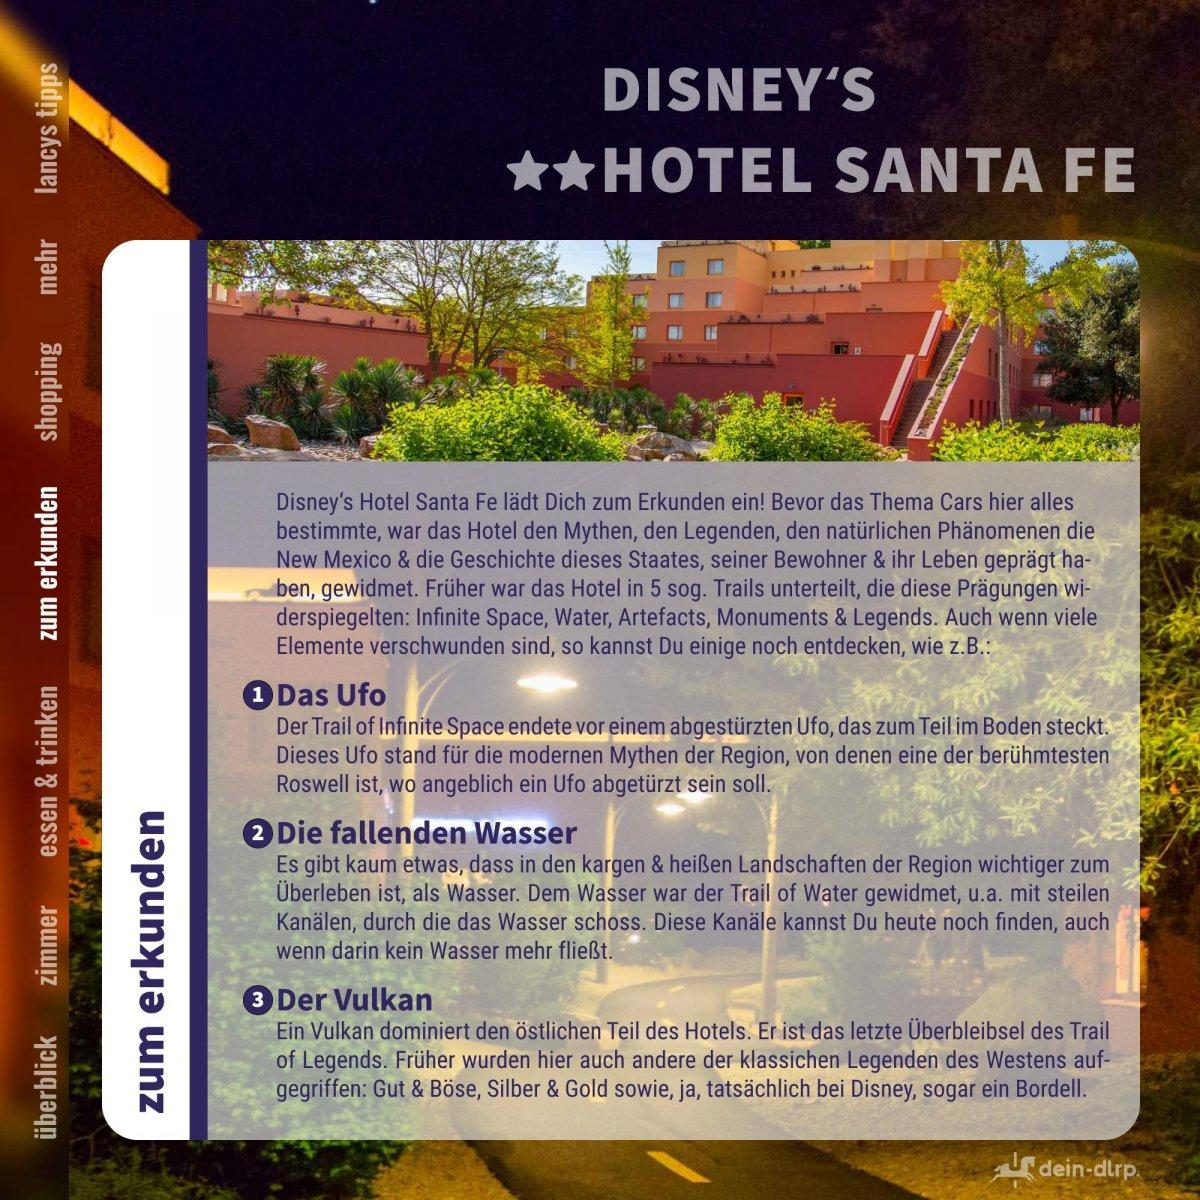 disneys-hotel-santa-fe-hotel-fuehrer_05.jpg